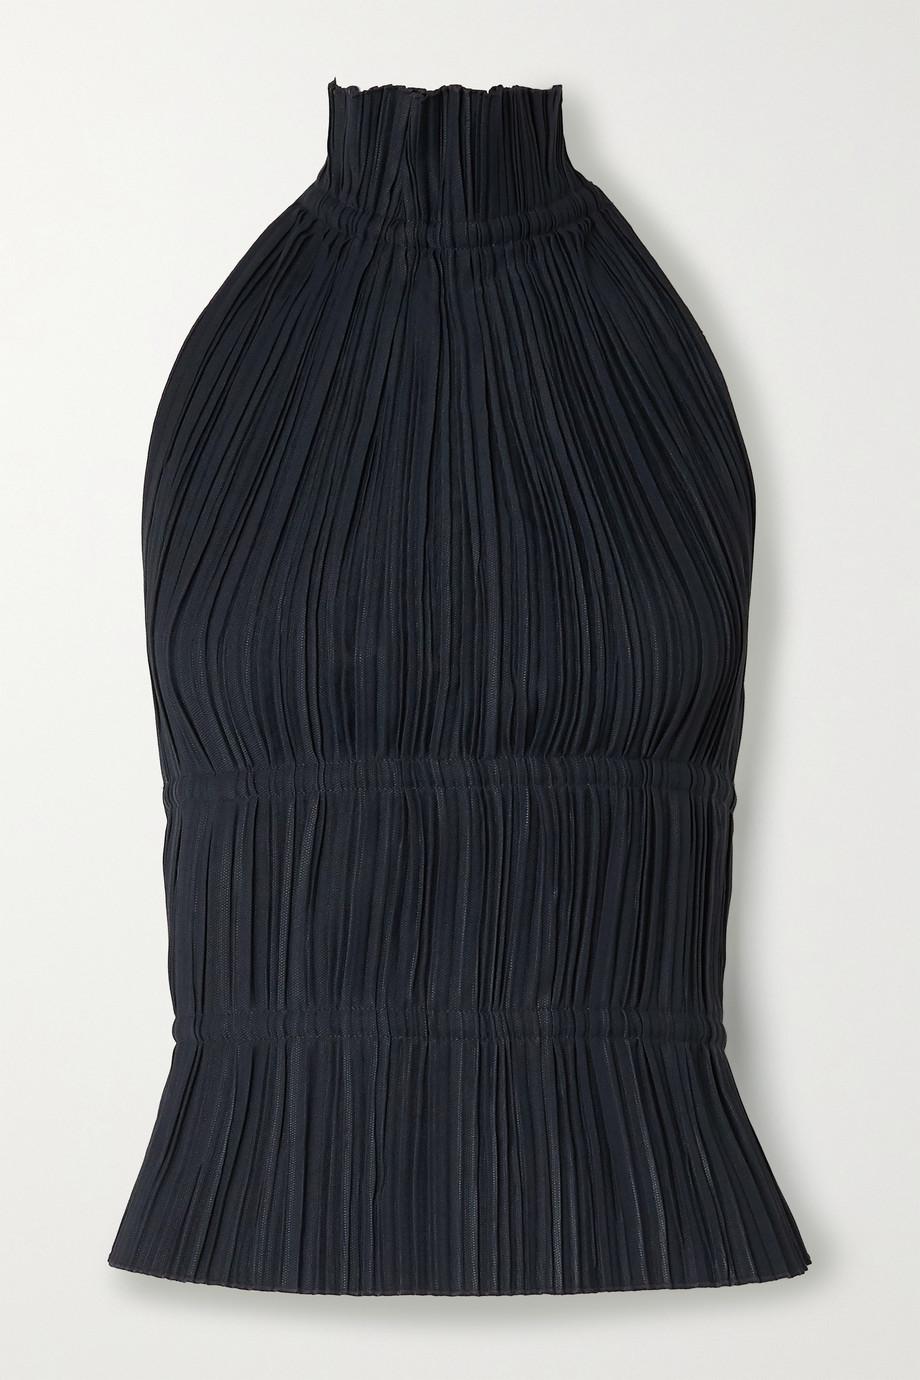 Dion Lee Open-back plissé-crepe halterneck top